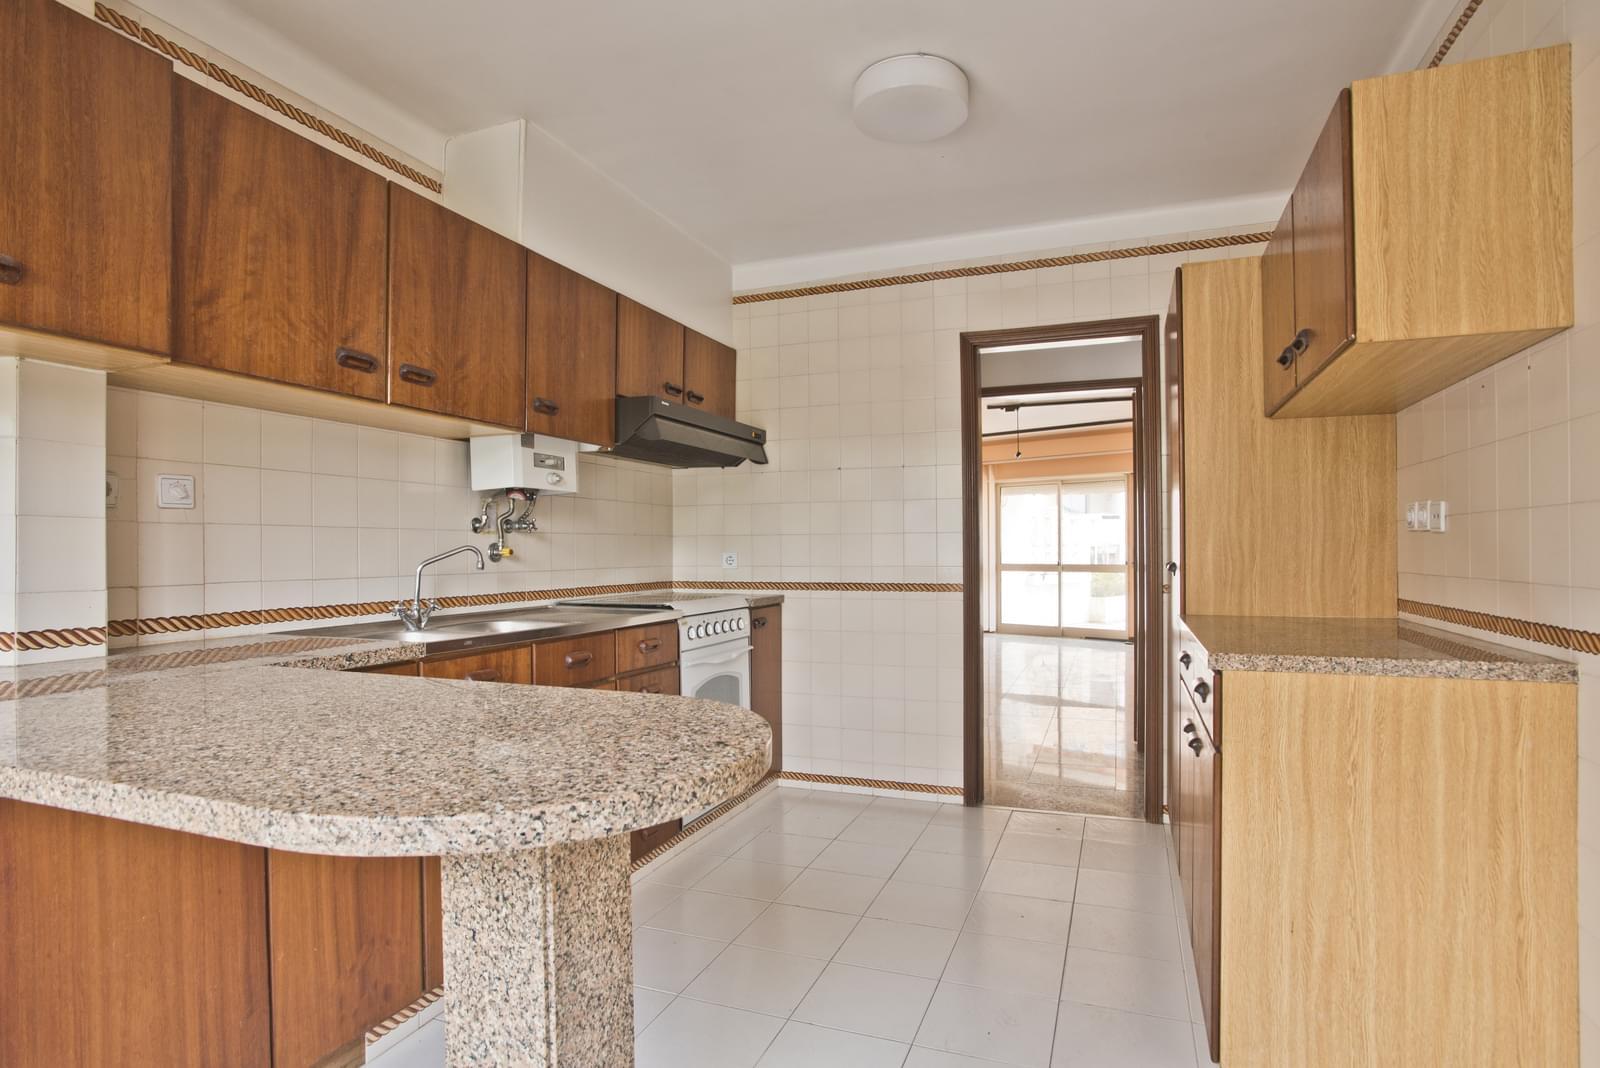 pf17280-apartamento-t2-cascais-bf16b10e-13a0-4d19-8999-81cb582538fb